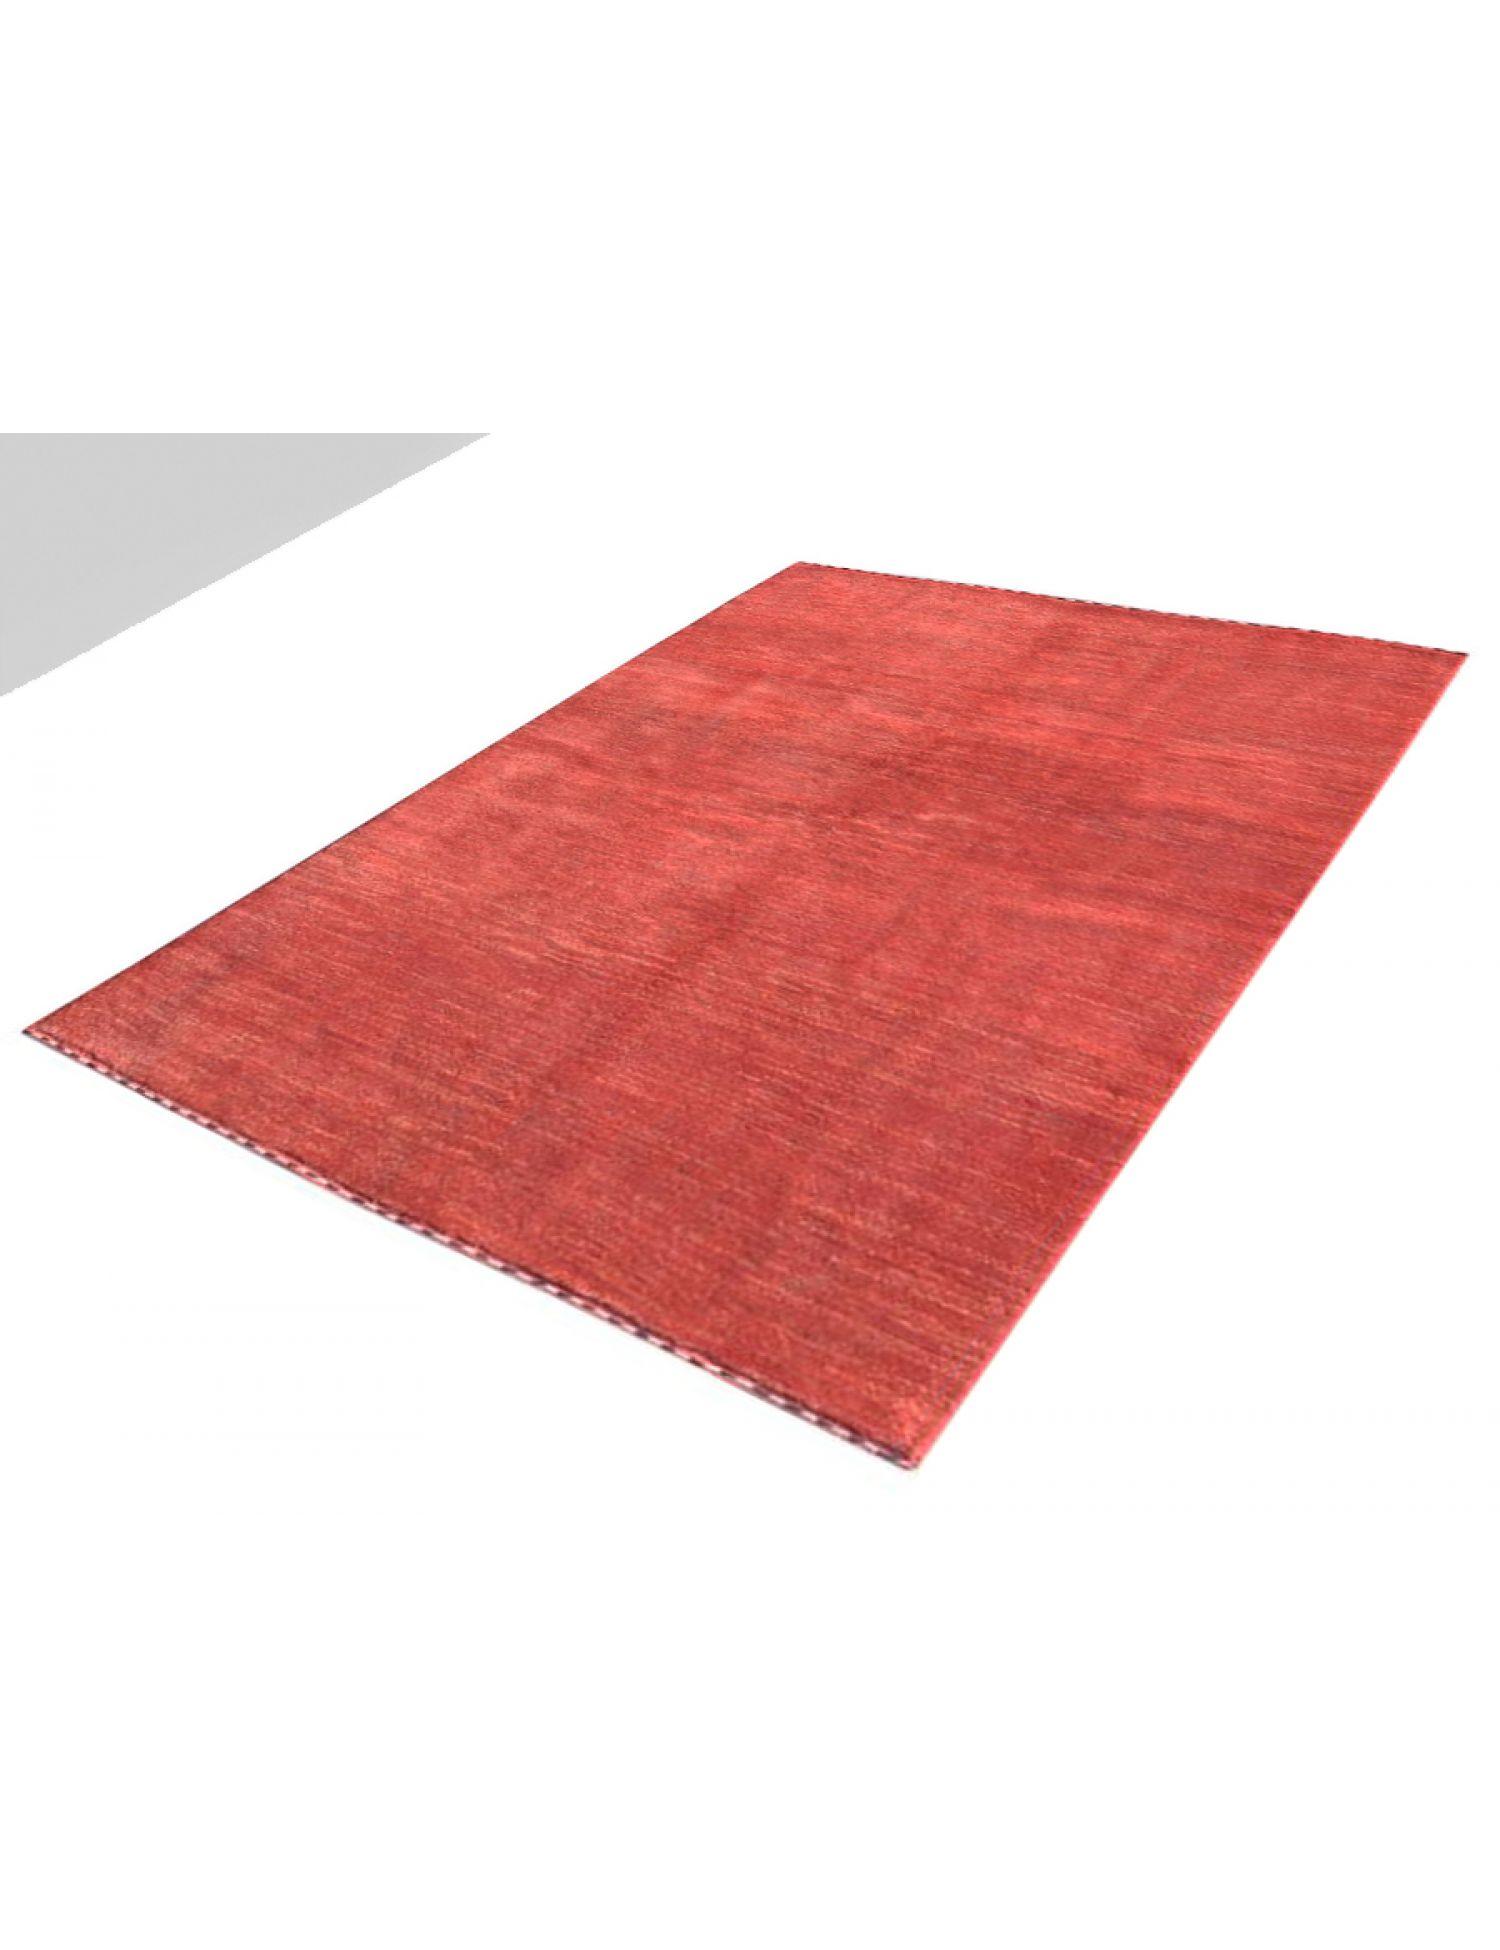 Moderne Teppiche   <br/>271 x 216 cm